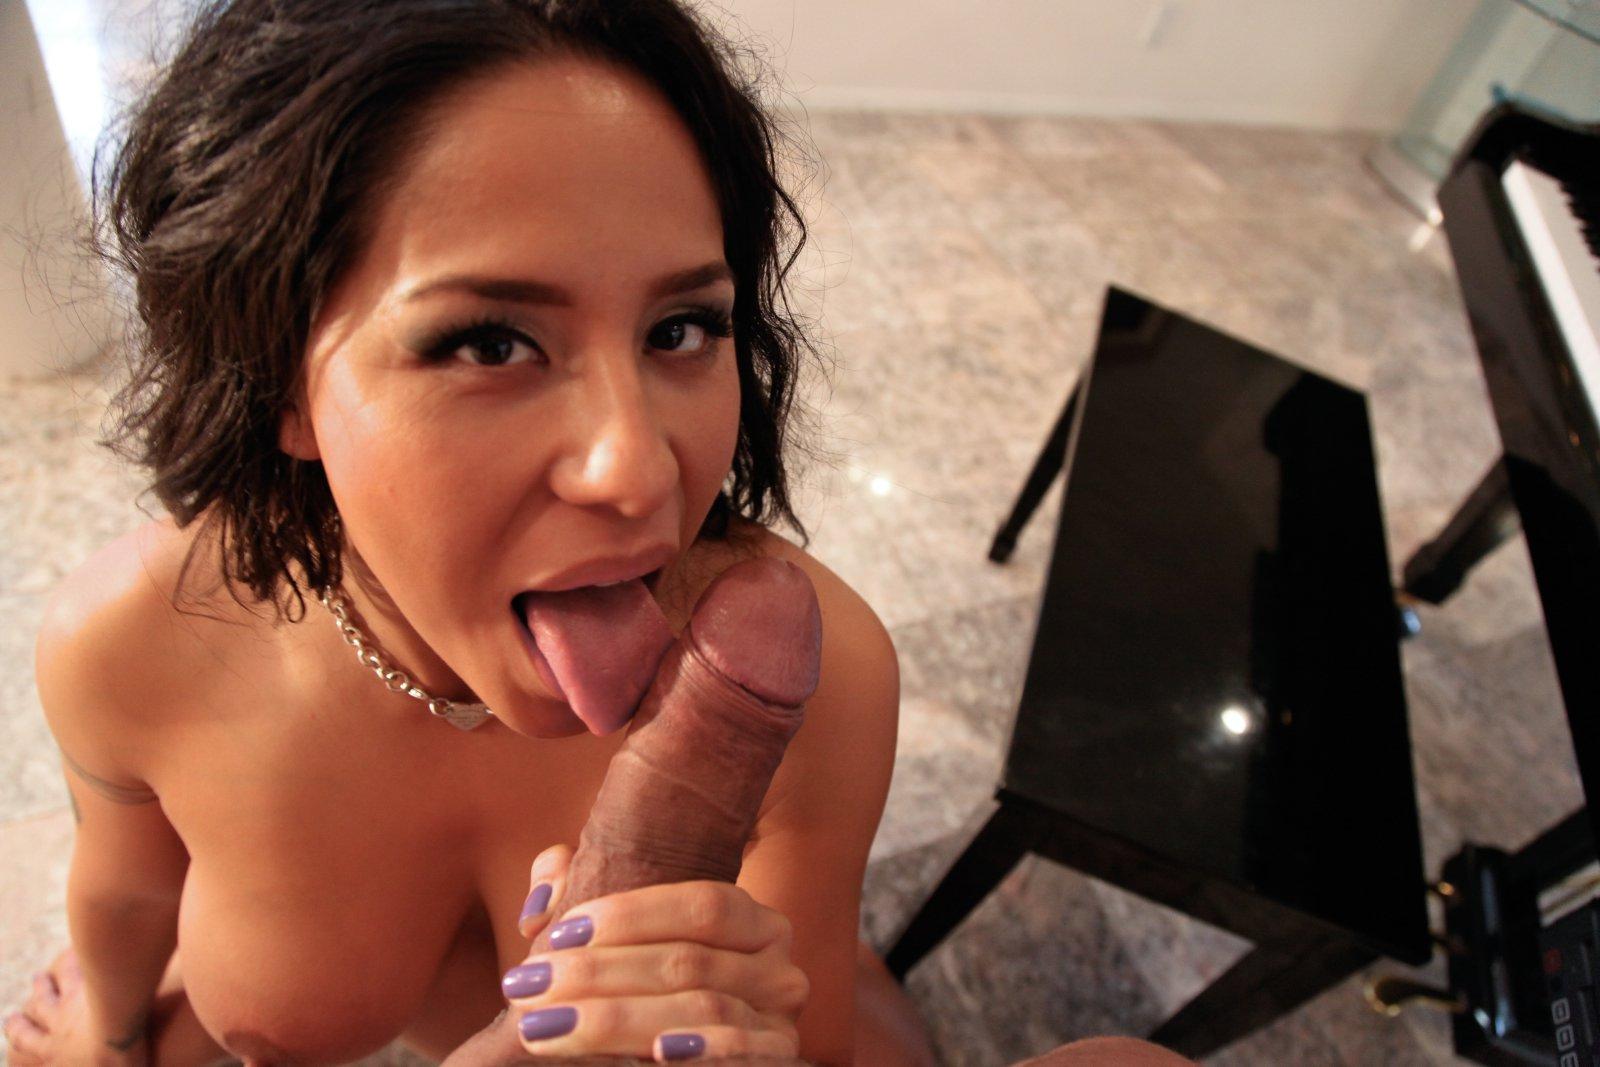 porno blow job